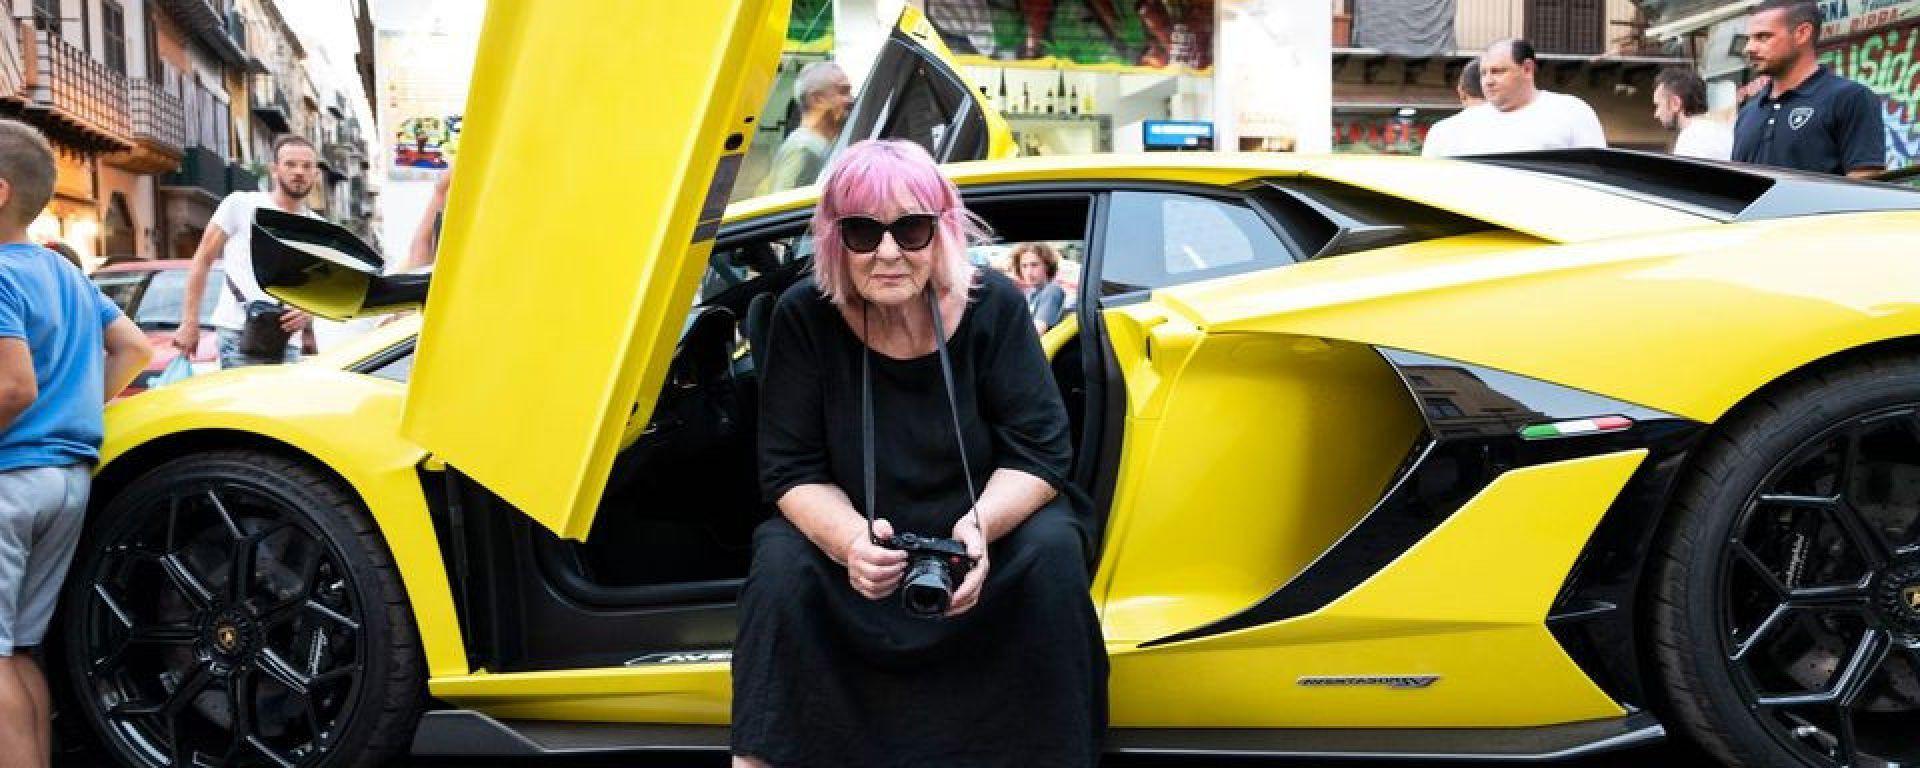 Letizia Battaglia per Lamborghini: le foto fanno polemica